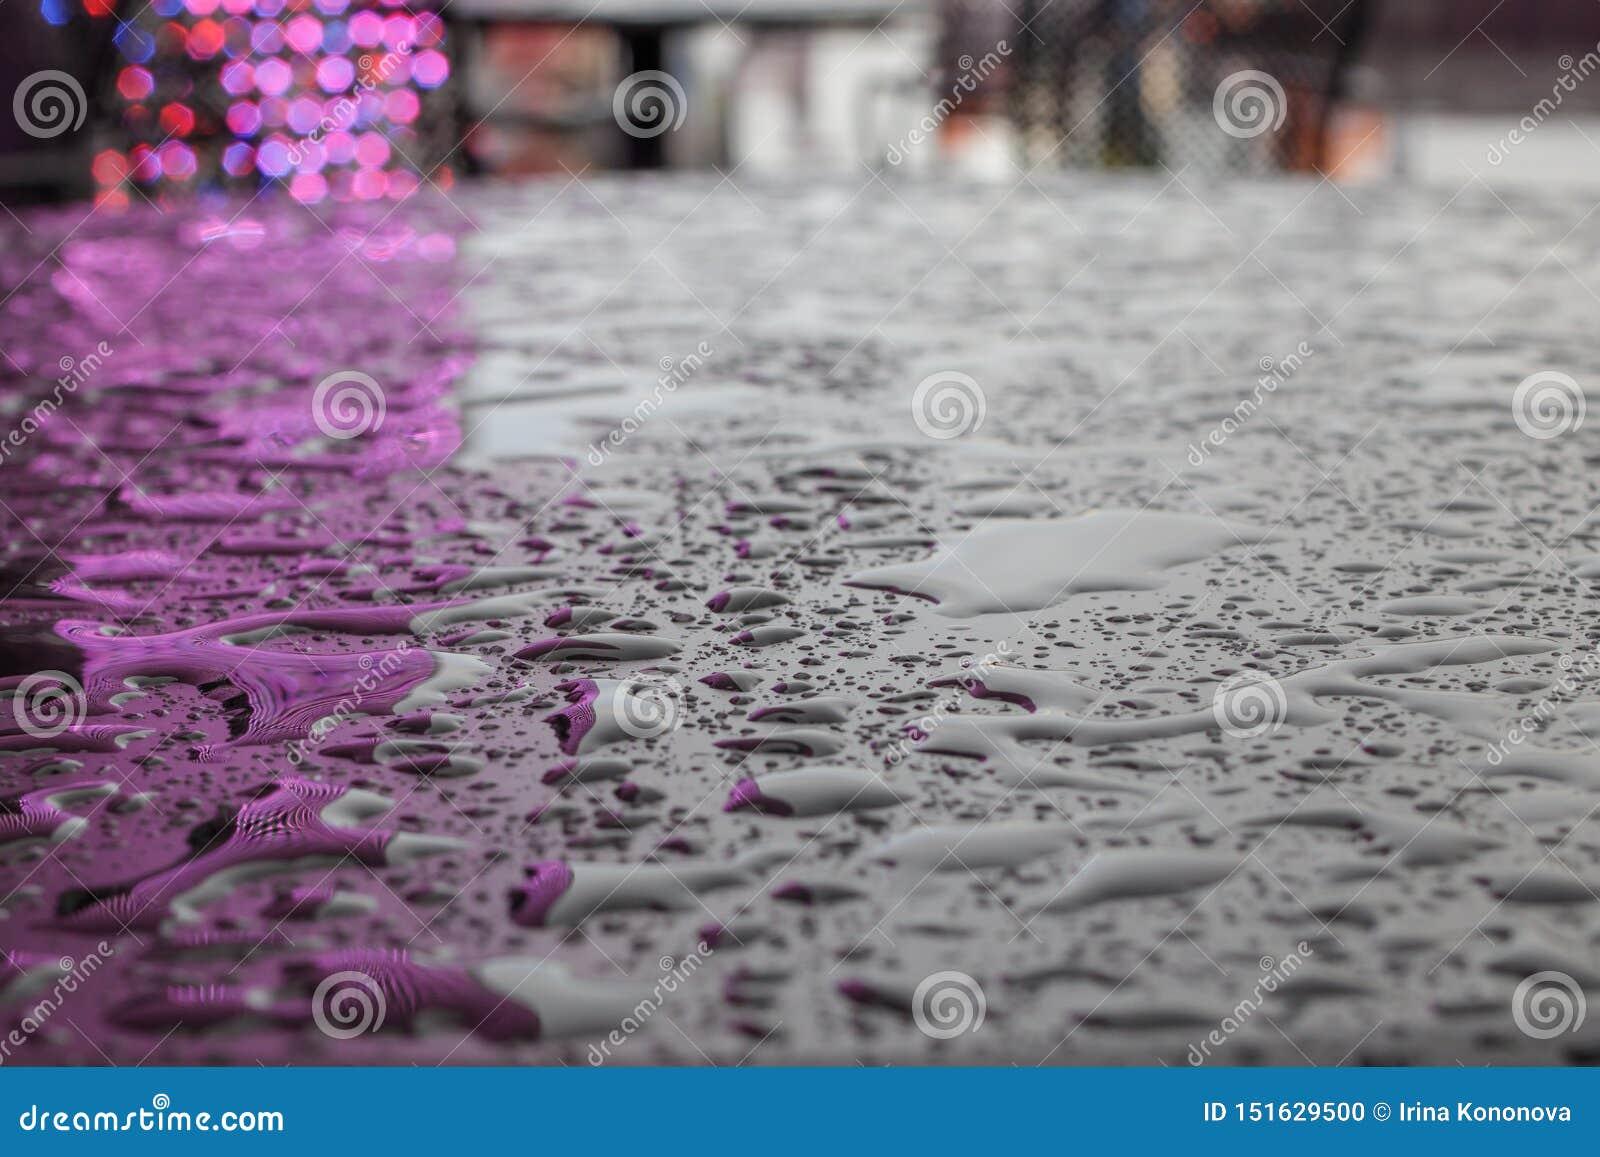 Krople lub małe kałuże woda po tym jak deszcz na gładkiej matte powierzchni ciemny kolor, odbija światła iluminacja